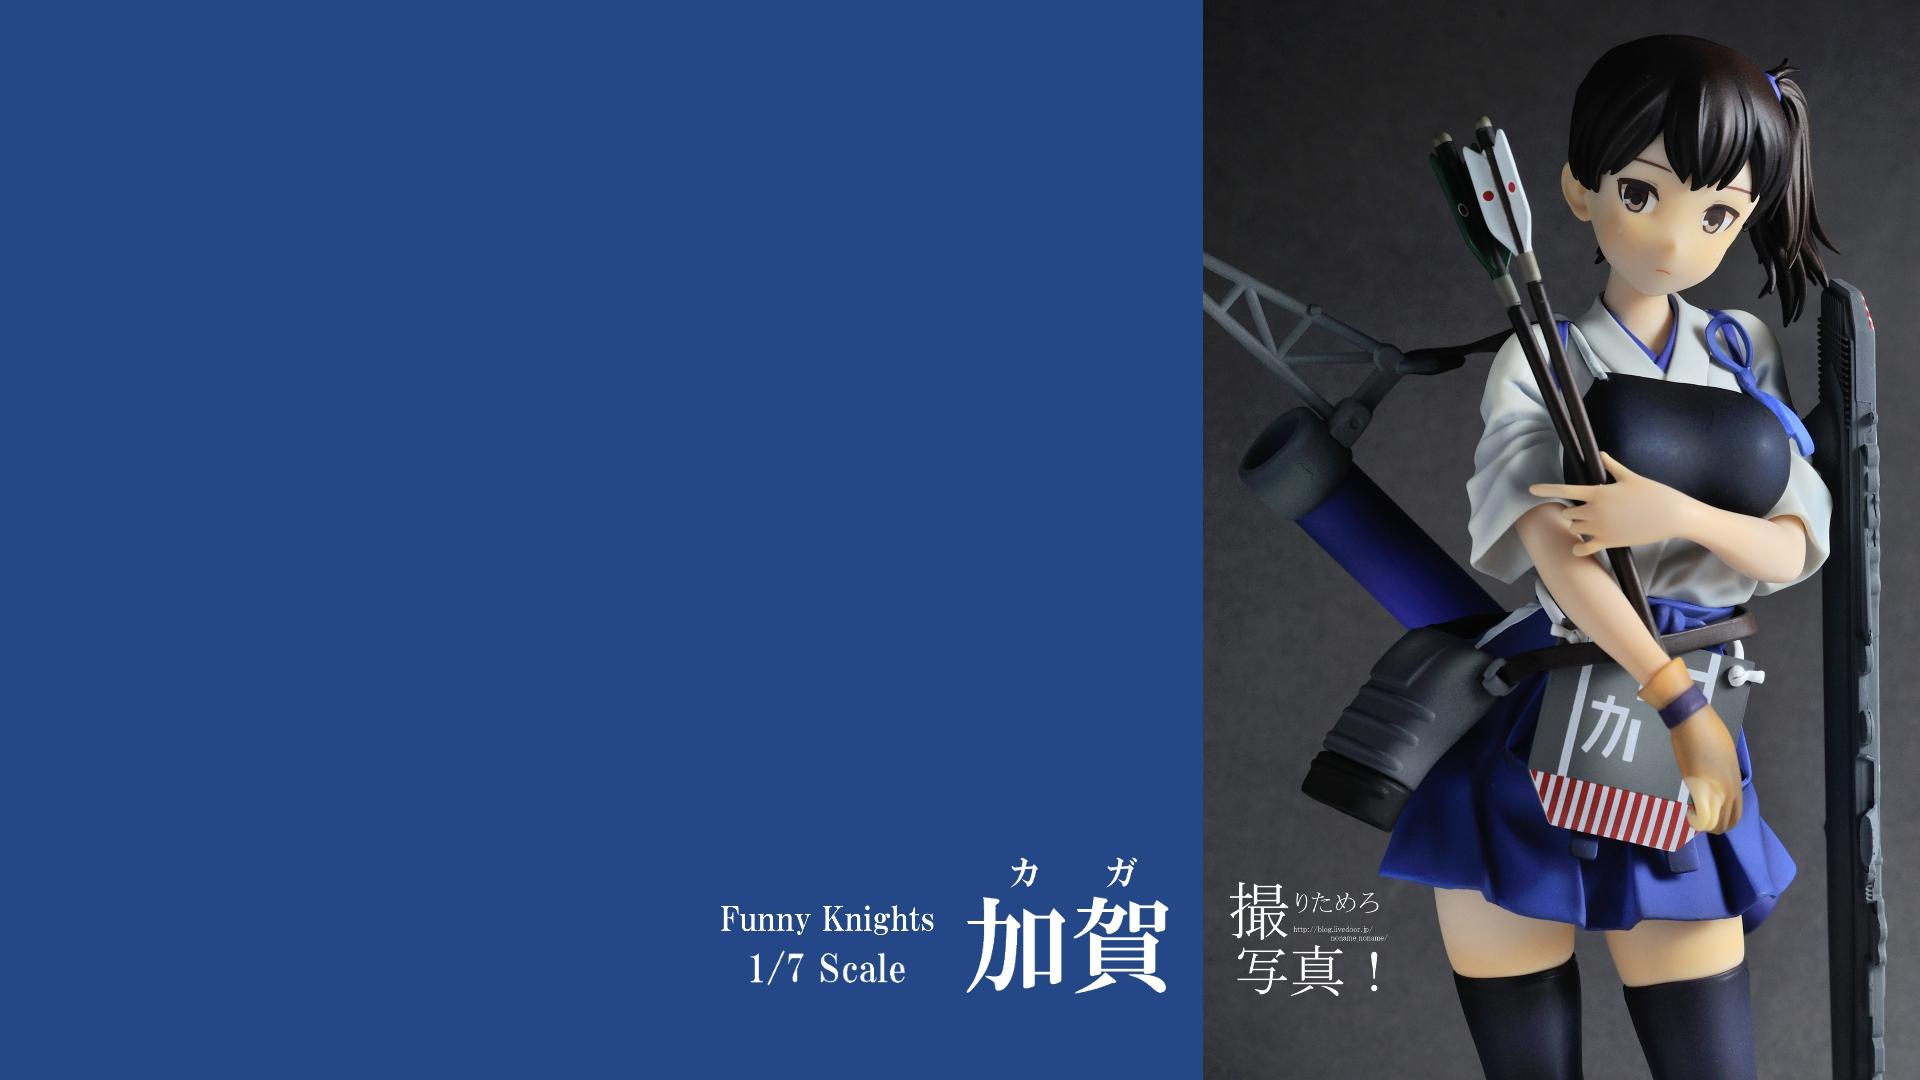 2019 10 12 ファニーナイツ加賀の壁紙 撮りためろ写真